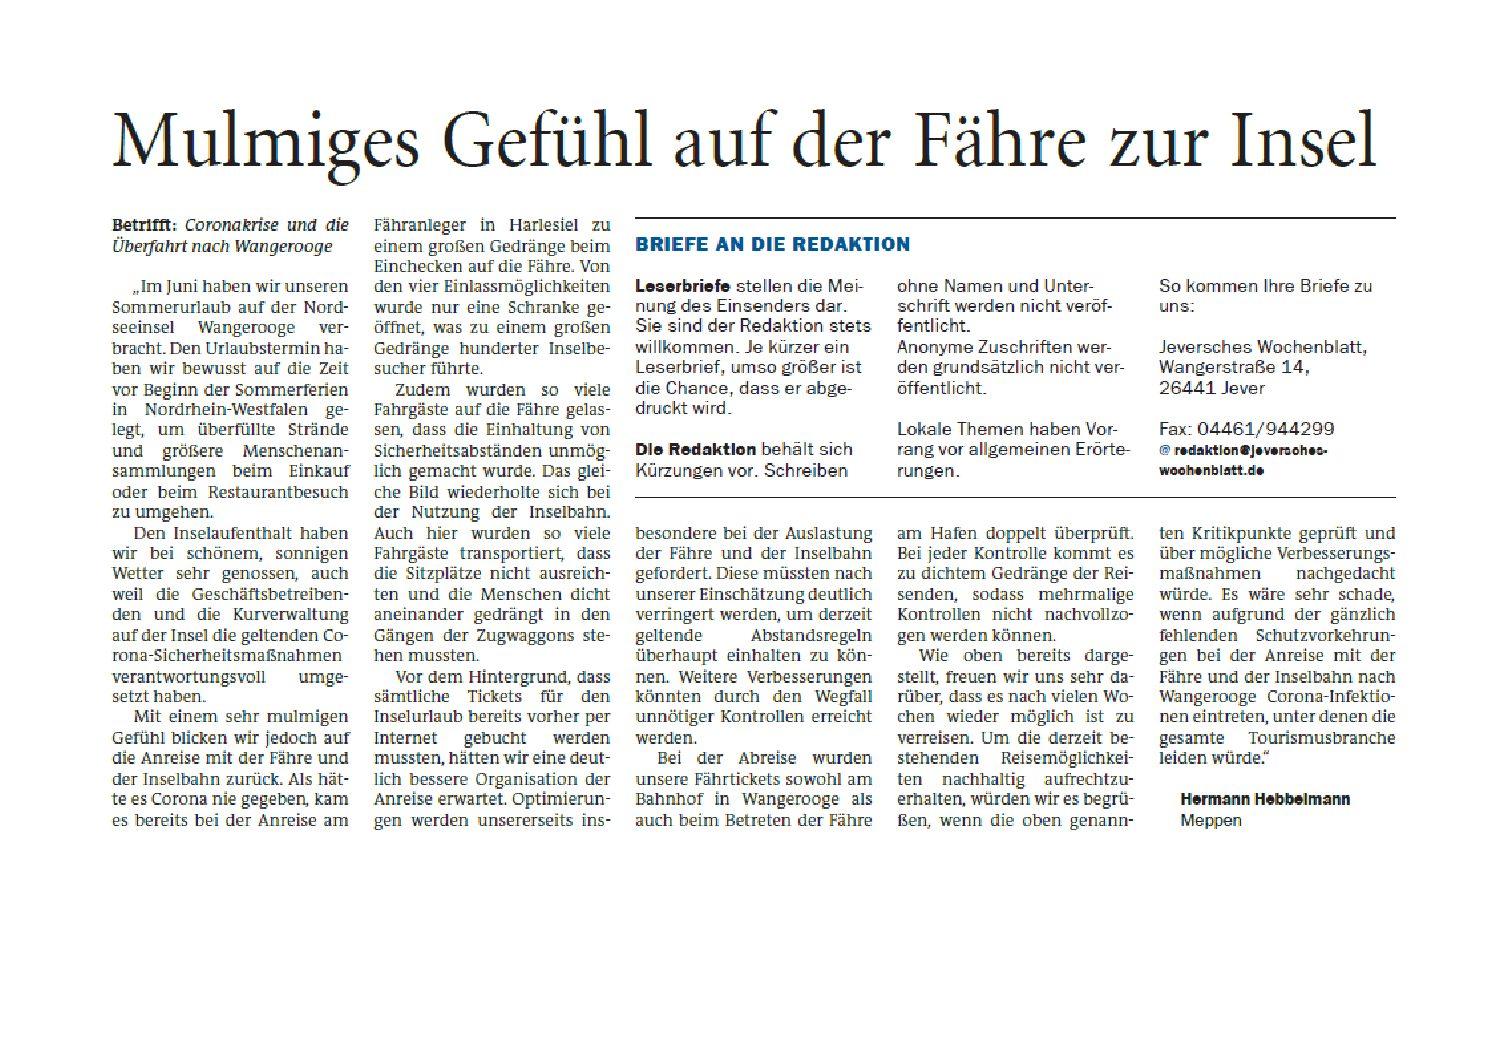 Jeversches Wochenblatt 07.07.2020